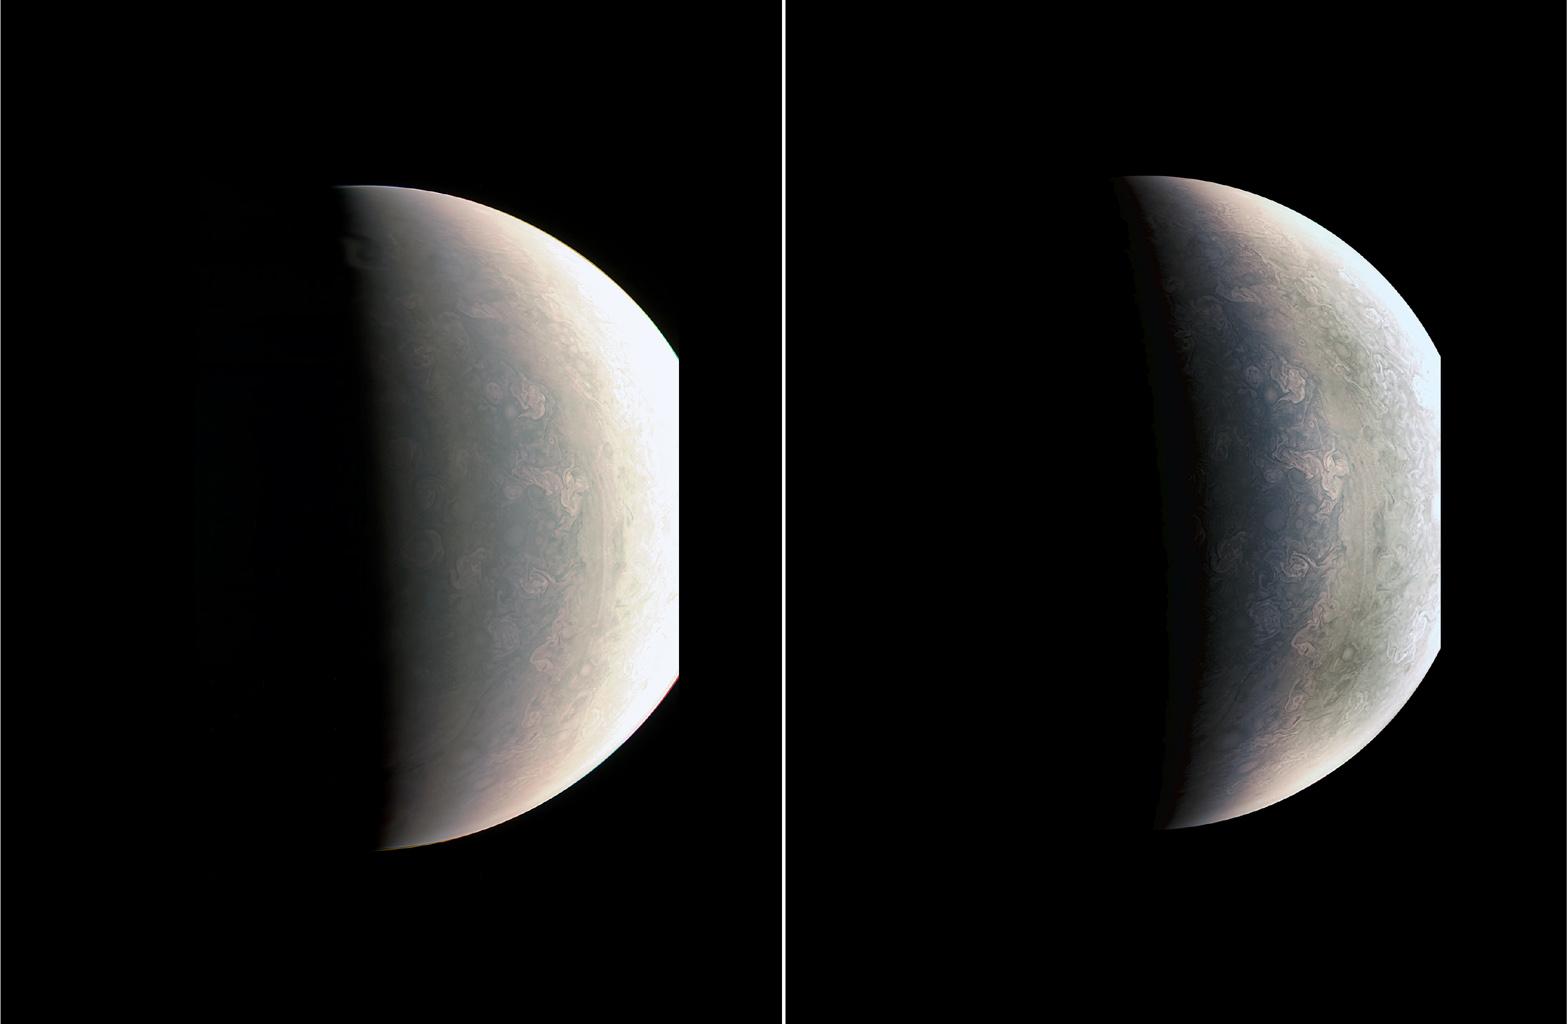 Juno nous envoyé ses premières images de Jupiter. Et les poles et les aurores de Jupiter sont vraiment uniques.